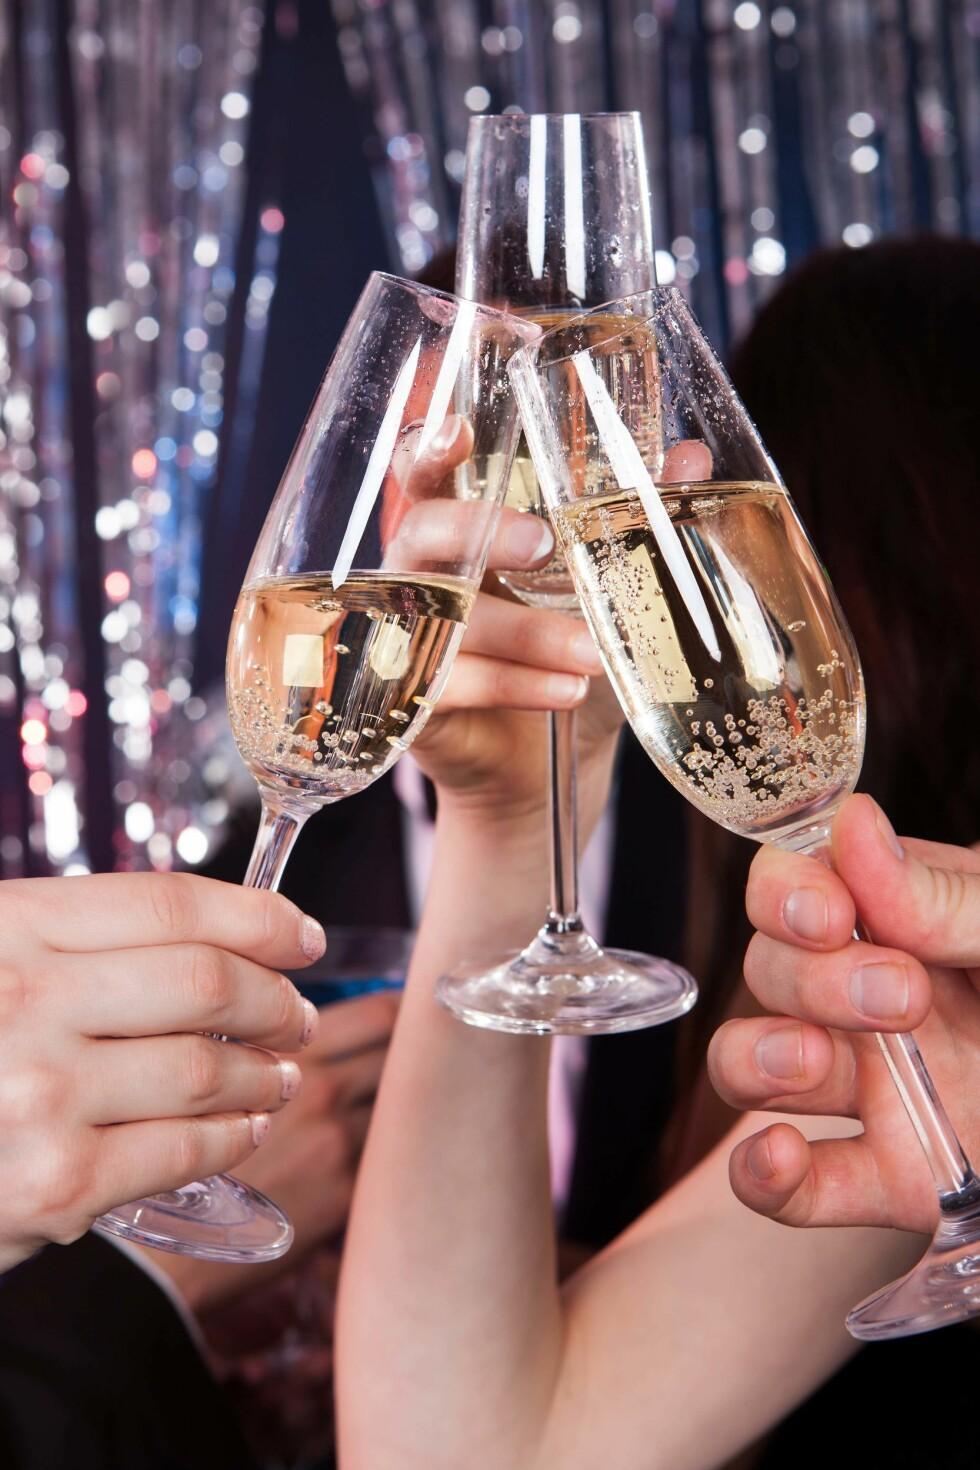 SKÅL: Musserende vin er et naturlig valg når noe skal feires. Foto: Fotolia